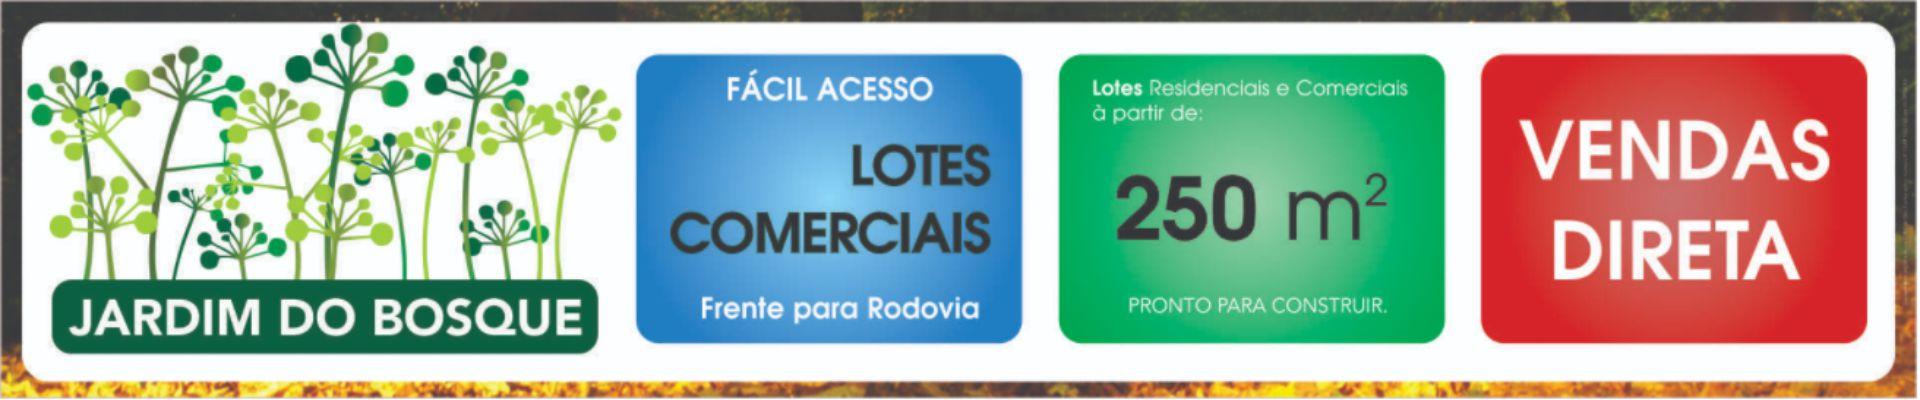 Loteamento Jardim do Bosque